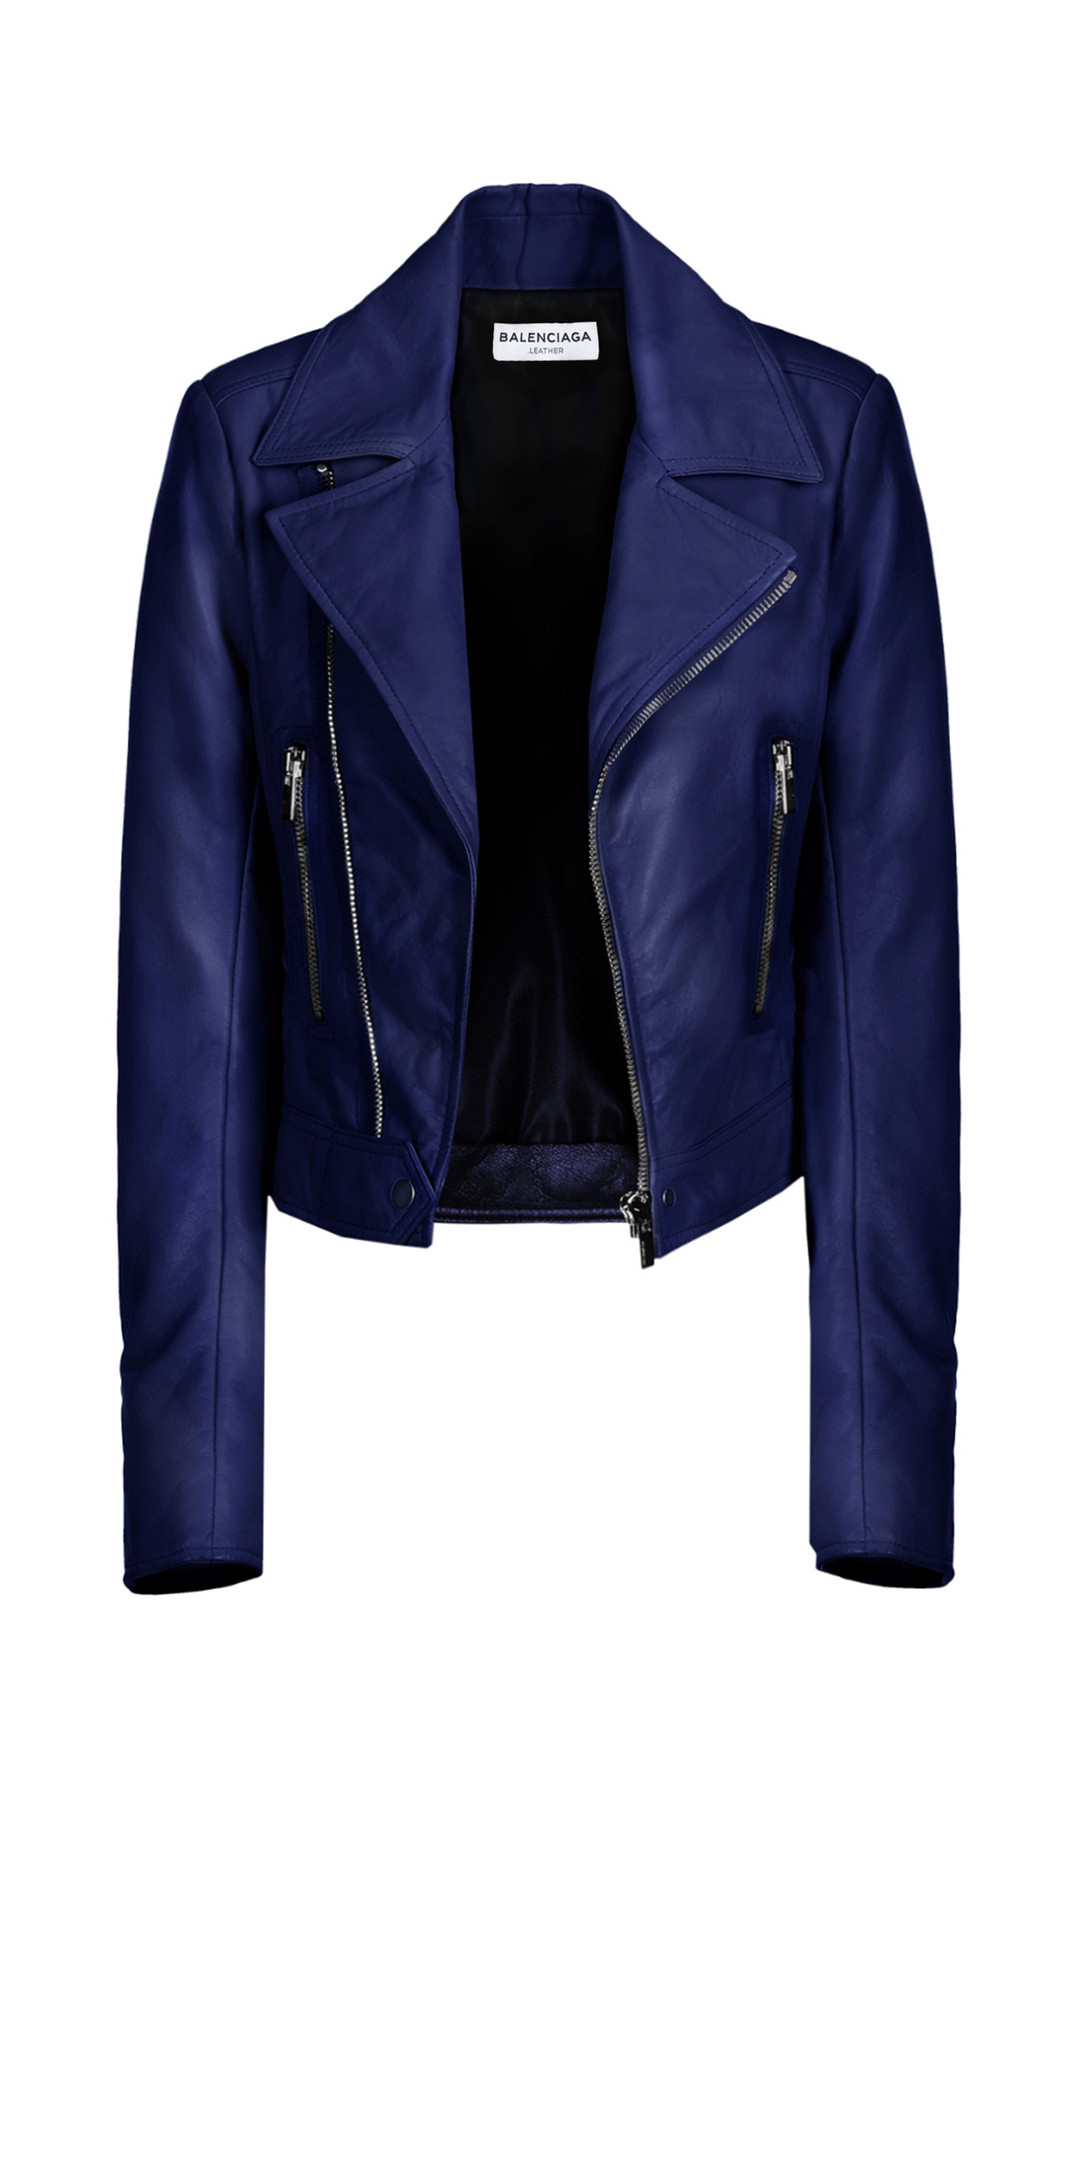 Balenciaga New Classic Biker Jacket